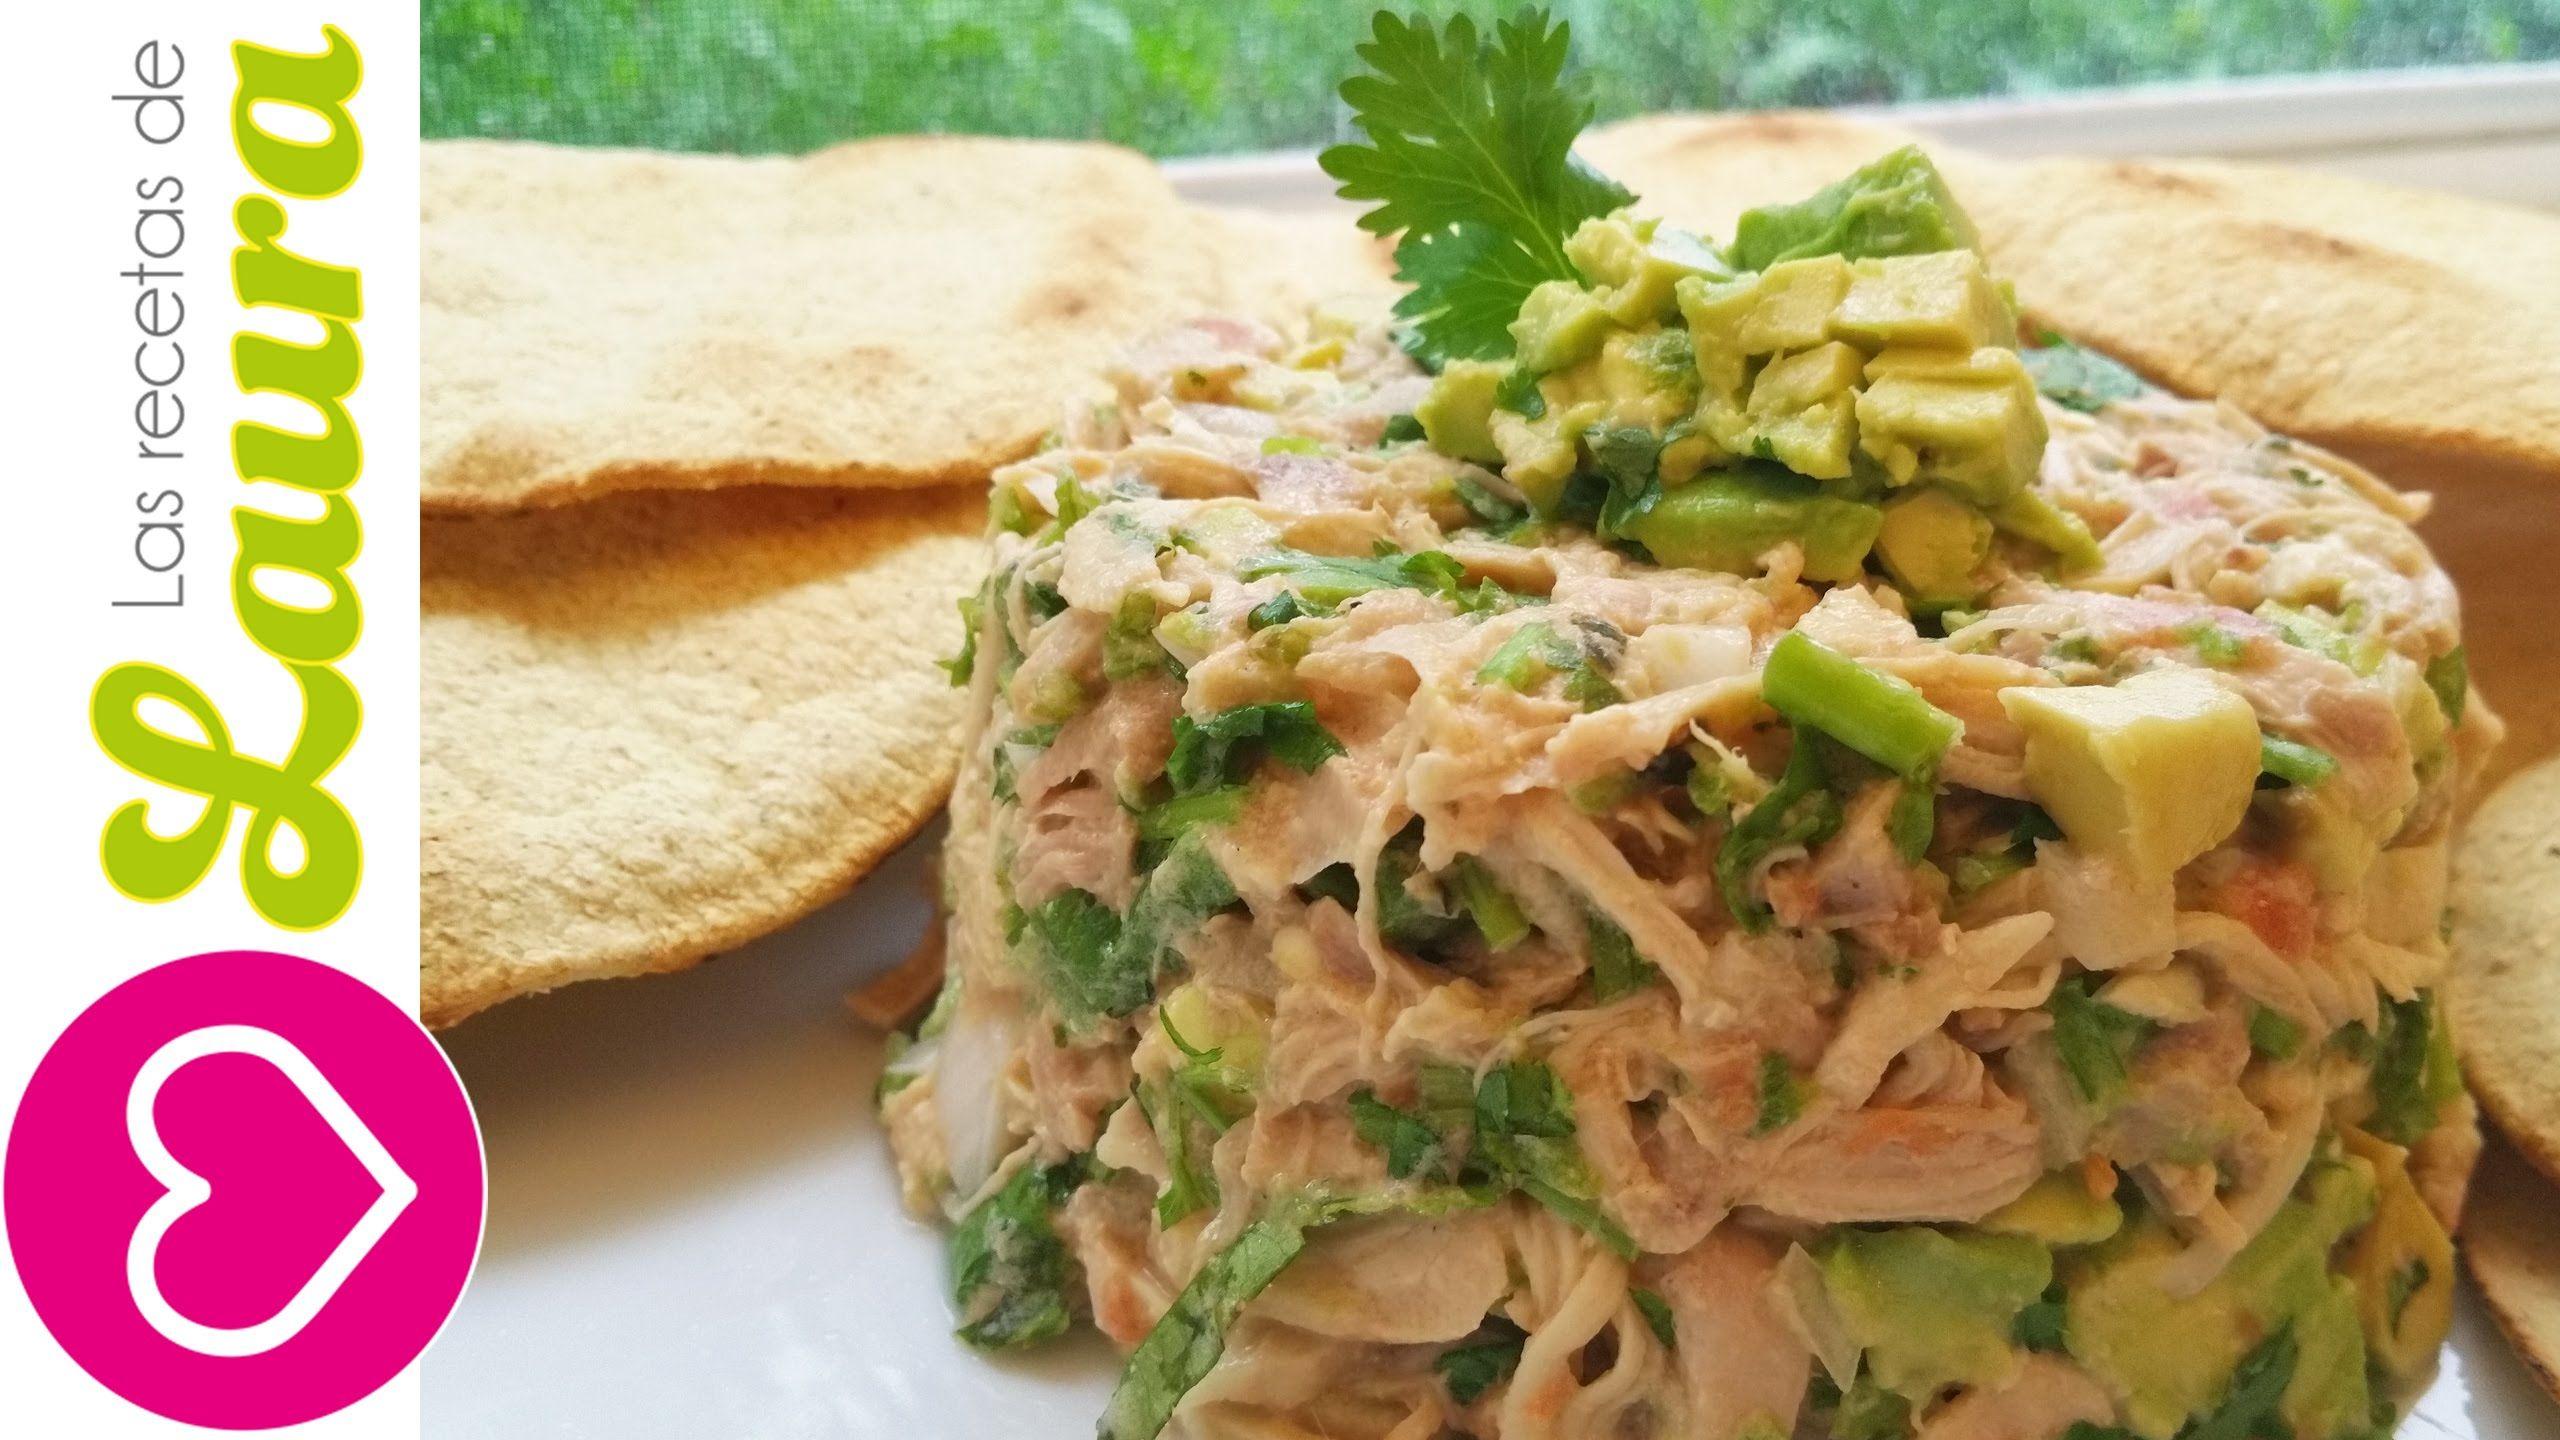 Ensalada de pollo al cilantro comida saludable cocina for Comidas faciles y saludables